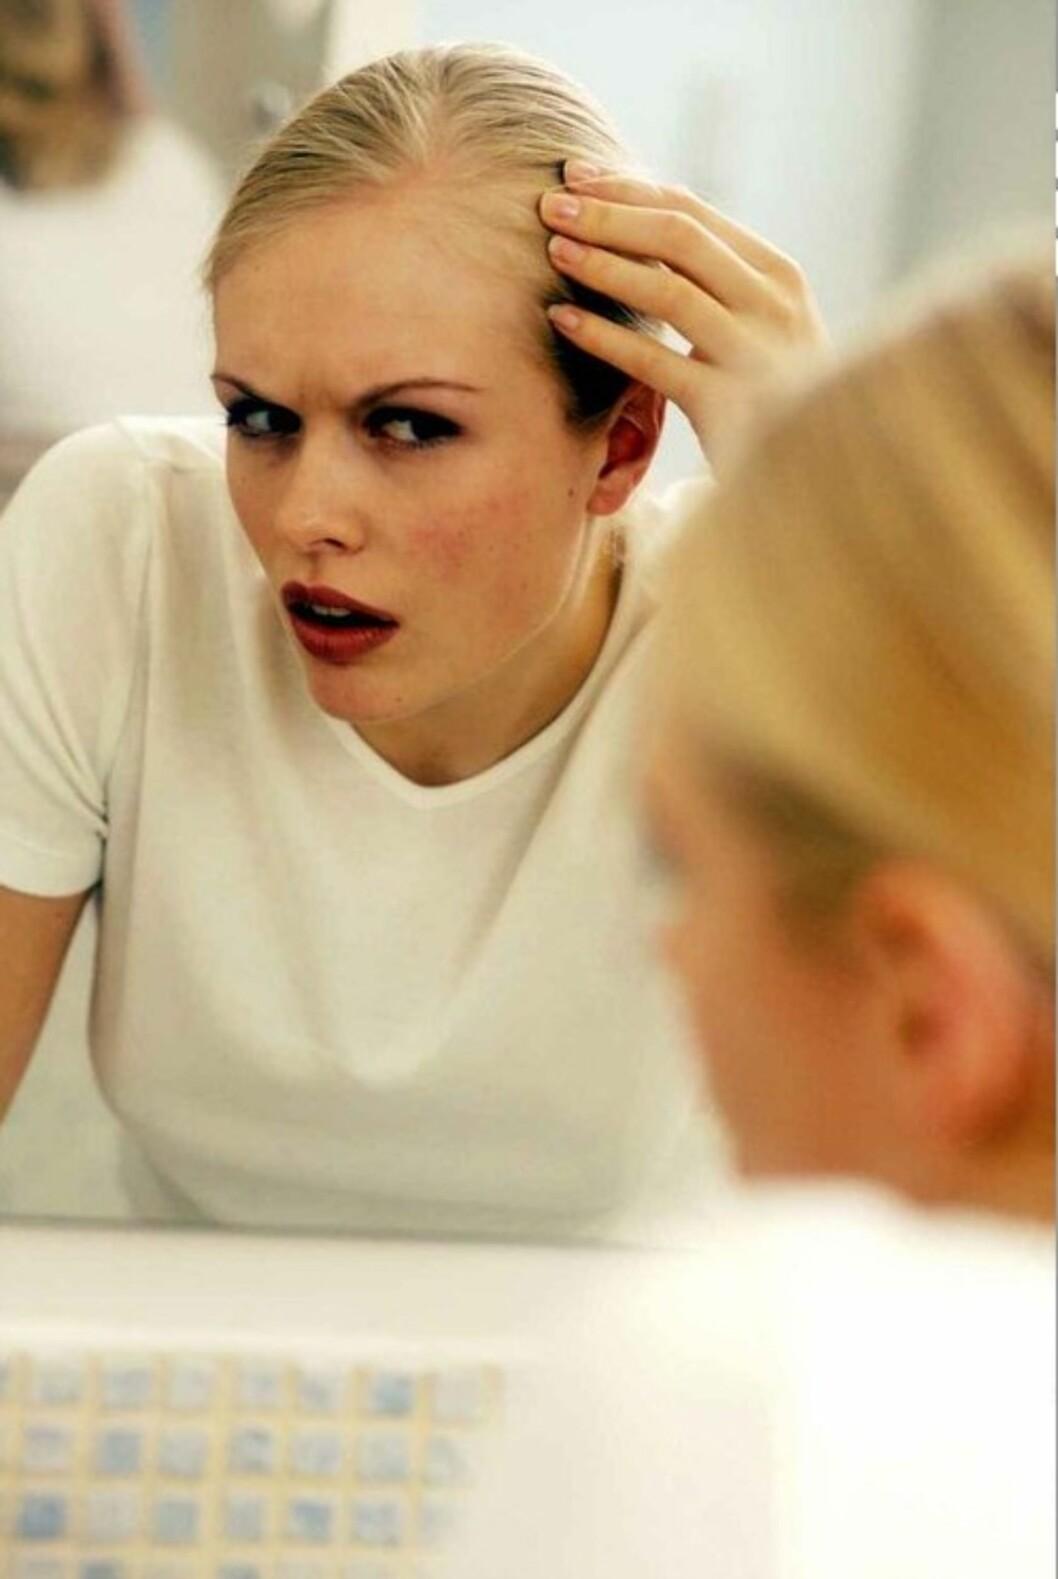 <strong>HÅRTAP?:</strong> Mister du uvanlig mye hår? Det kan ha flere årsaker. Dersom du ikke finner ut av dette selv, kan det være lurt å oppsøke en spesialist/lege.  Foto: Colourbox